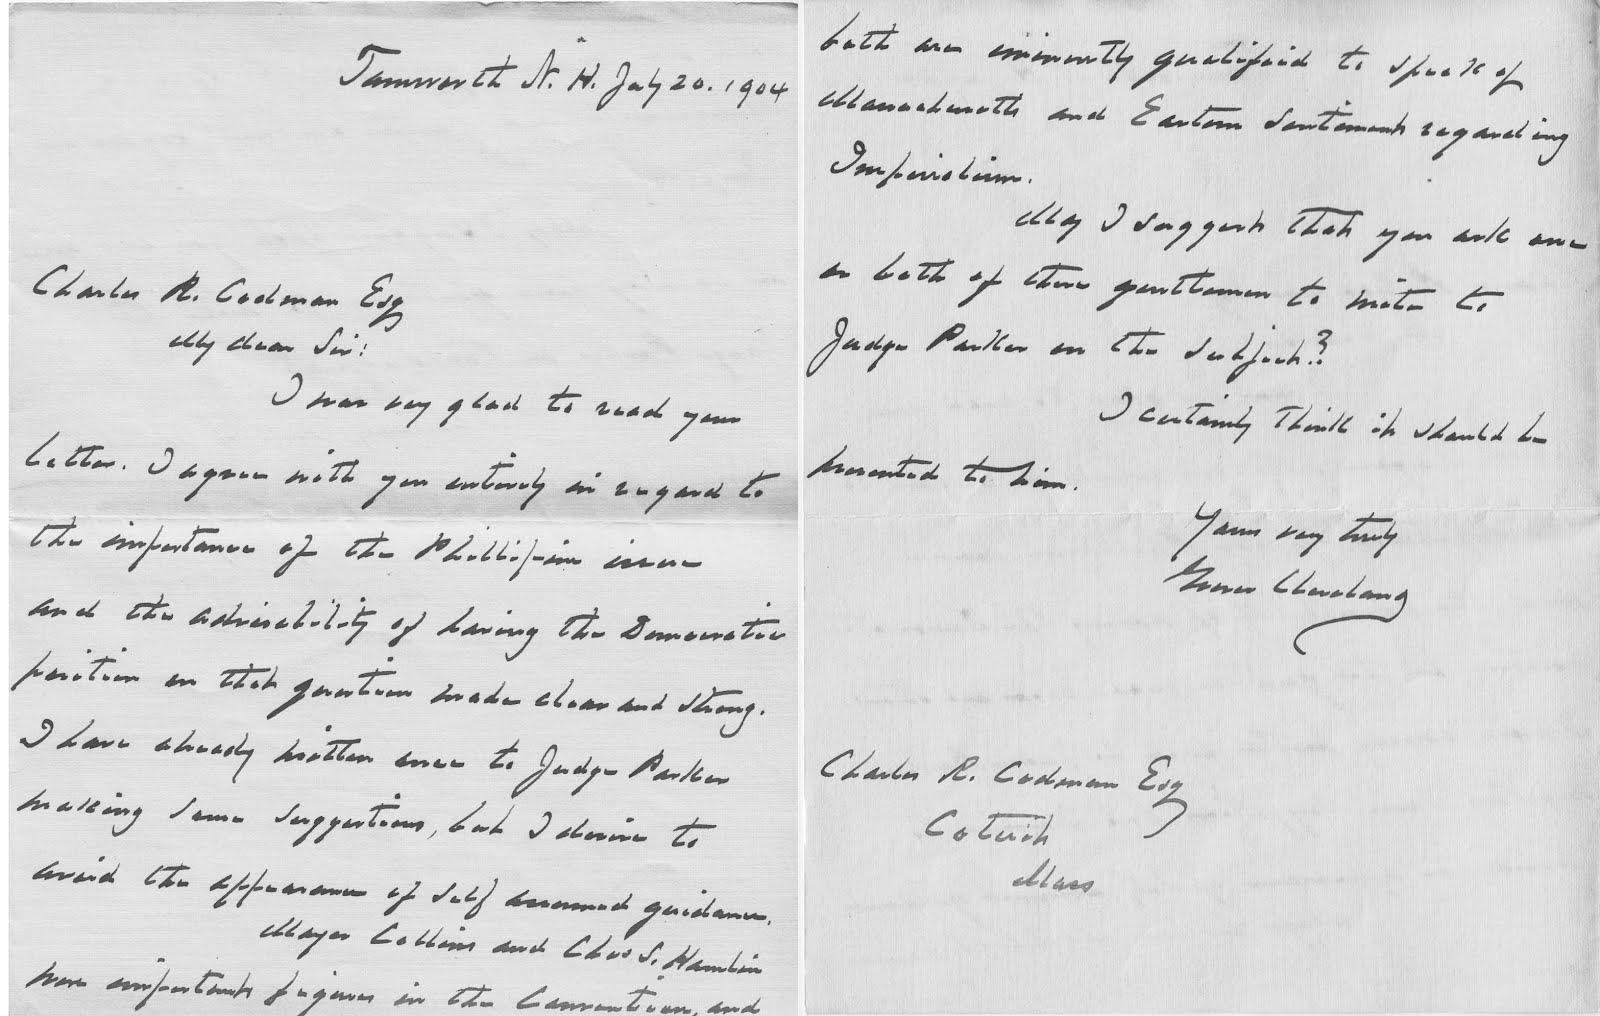 Handwritten Cover Letter – Handwritten Cover Letter